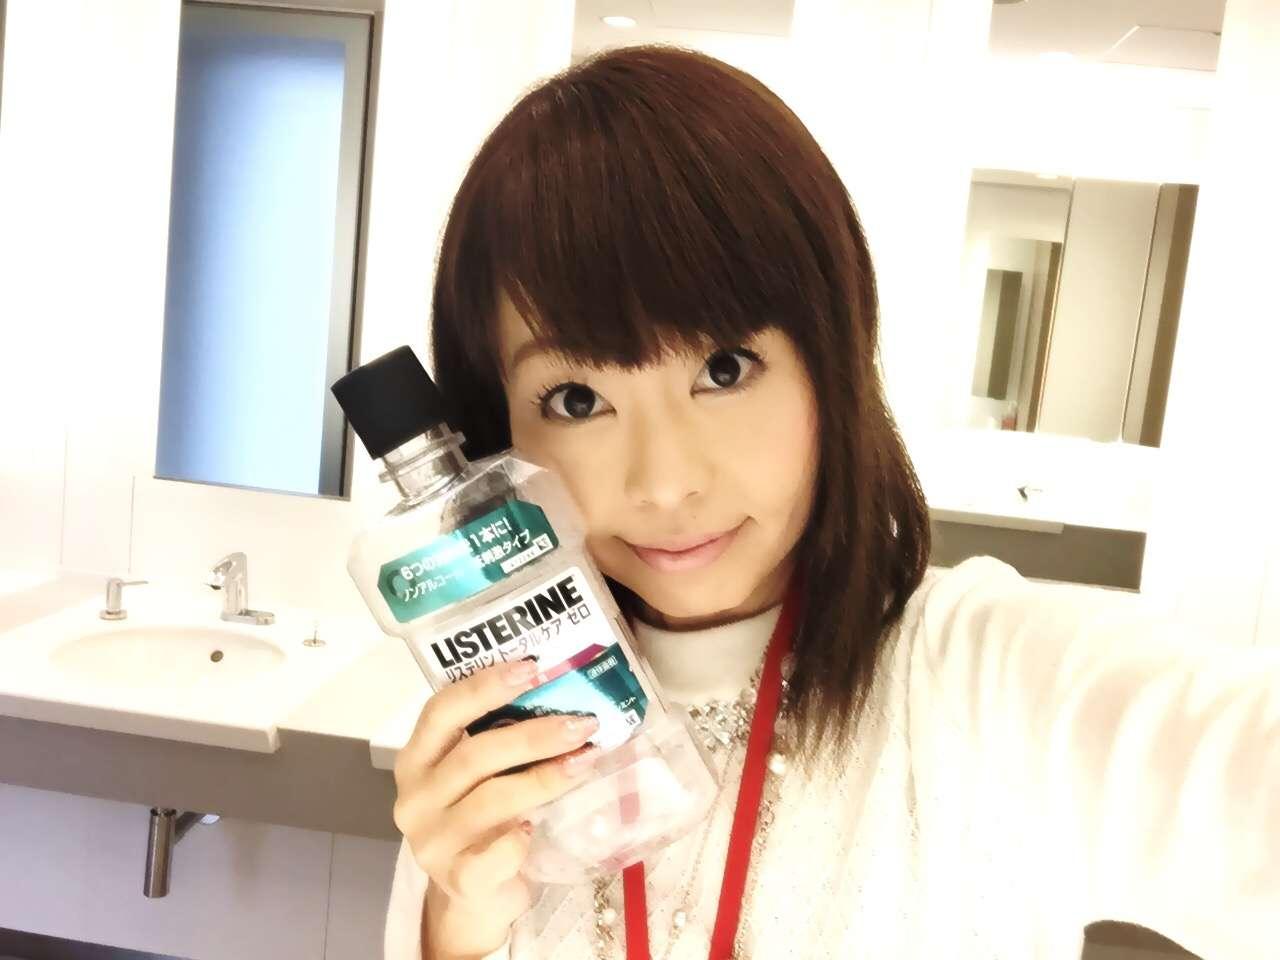 【リステリン21日間キャンペーン】3週目レポ 2本使いきった感想は!!